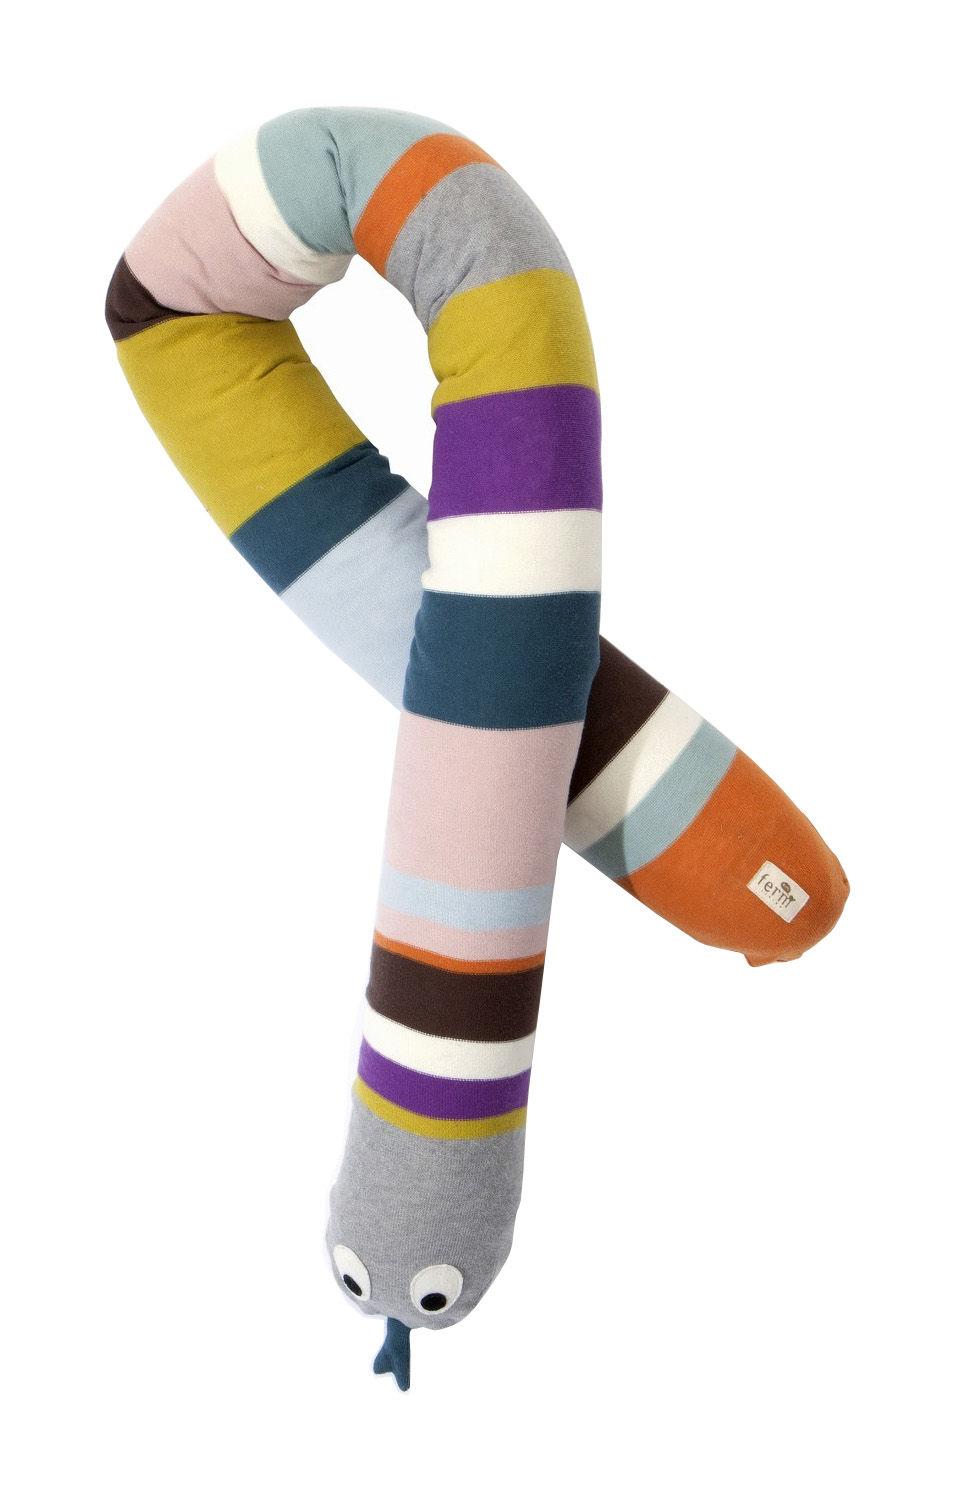 Interni - Per bambini - Cuscino Mr Snake - paracolpi di Ferm Living - Multicolore - Cotone biologico